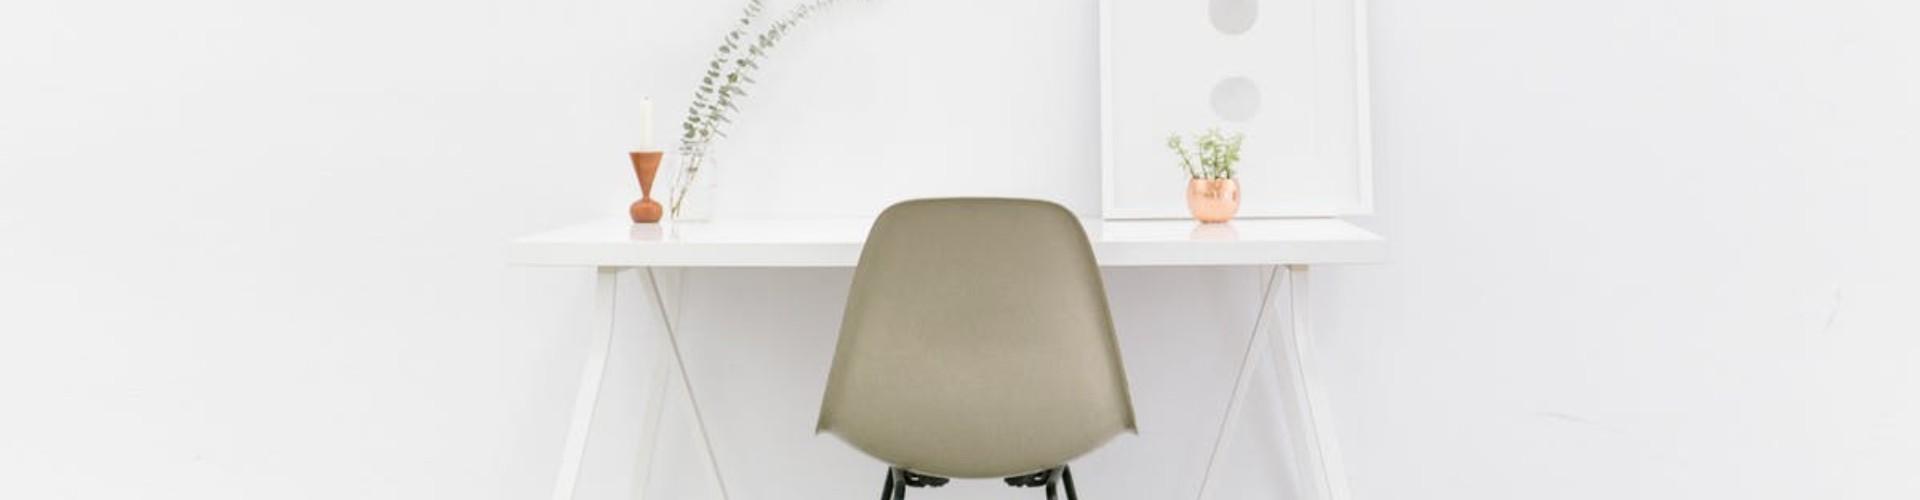 CV moderne : exemples des meilleurs modèles de CV design